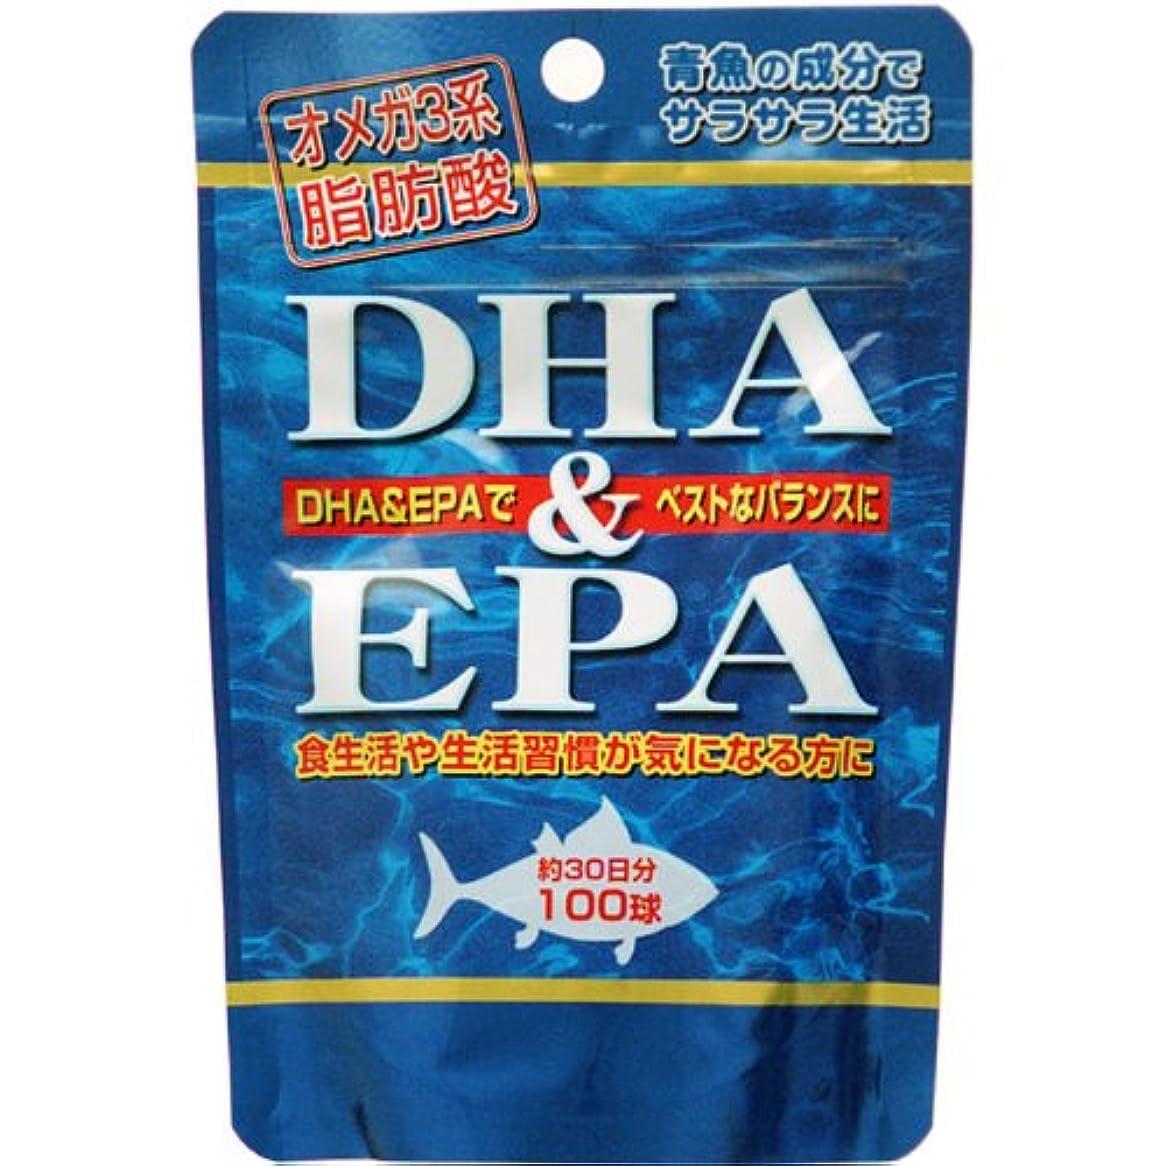 弾丸分離する羊DHA(ドコサヘキサエン酸)&EPA(エイコサペンタエン酸)×6